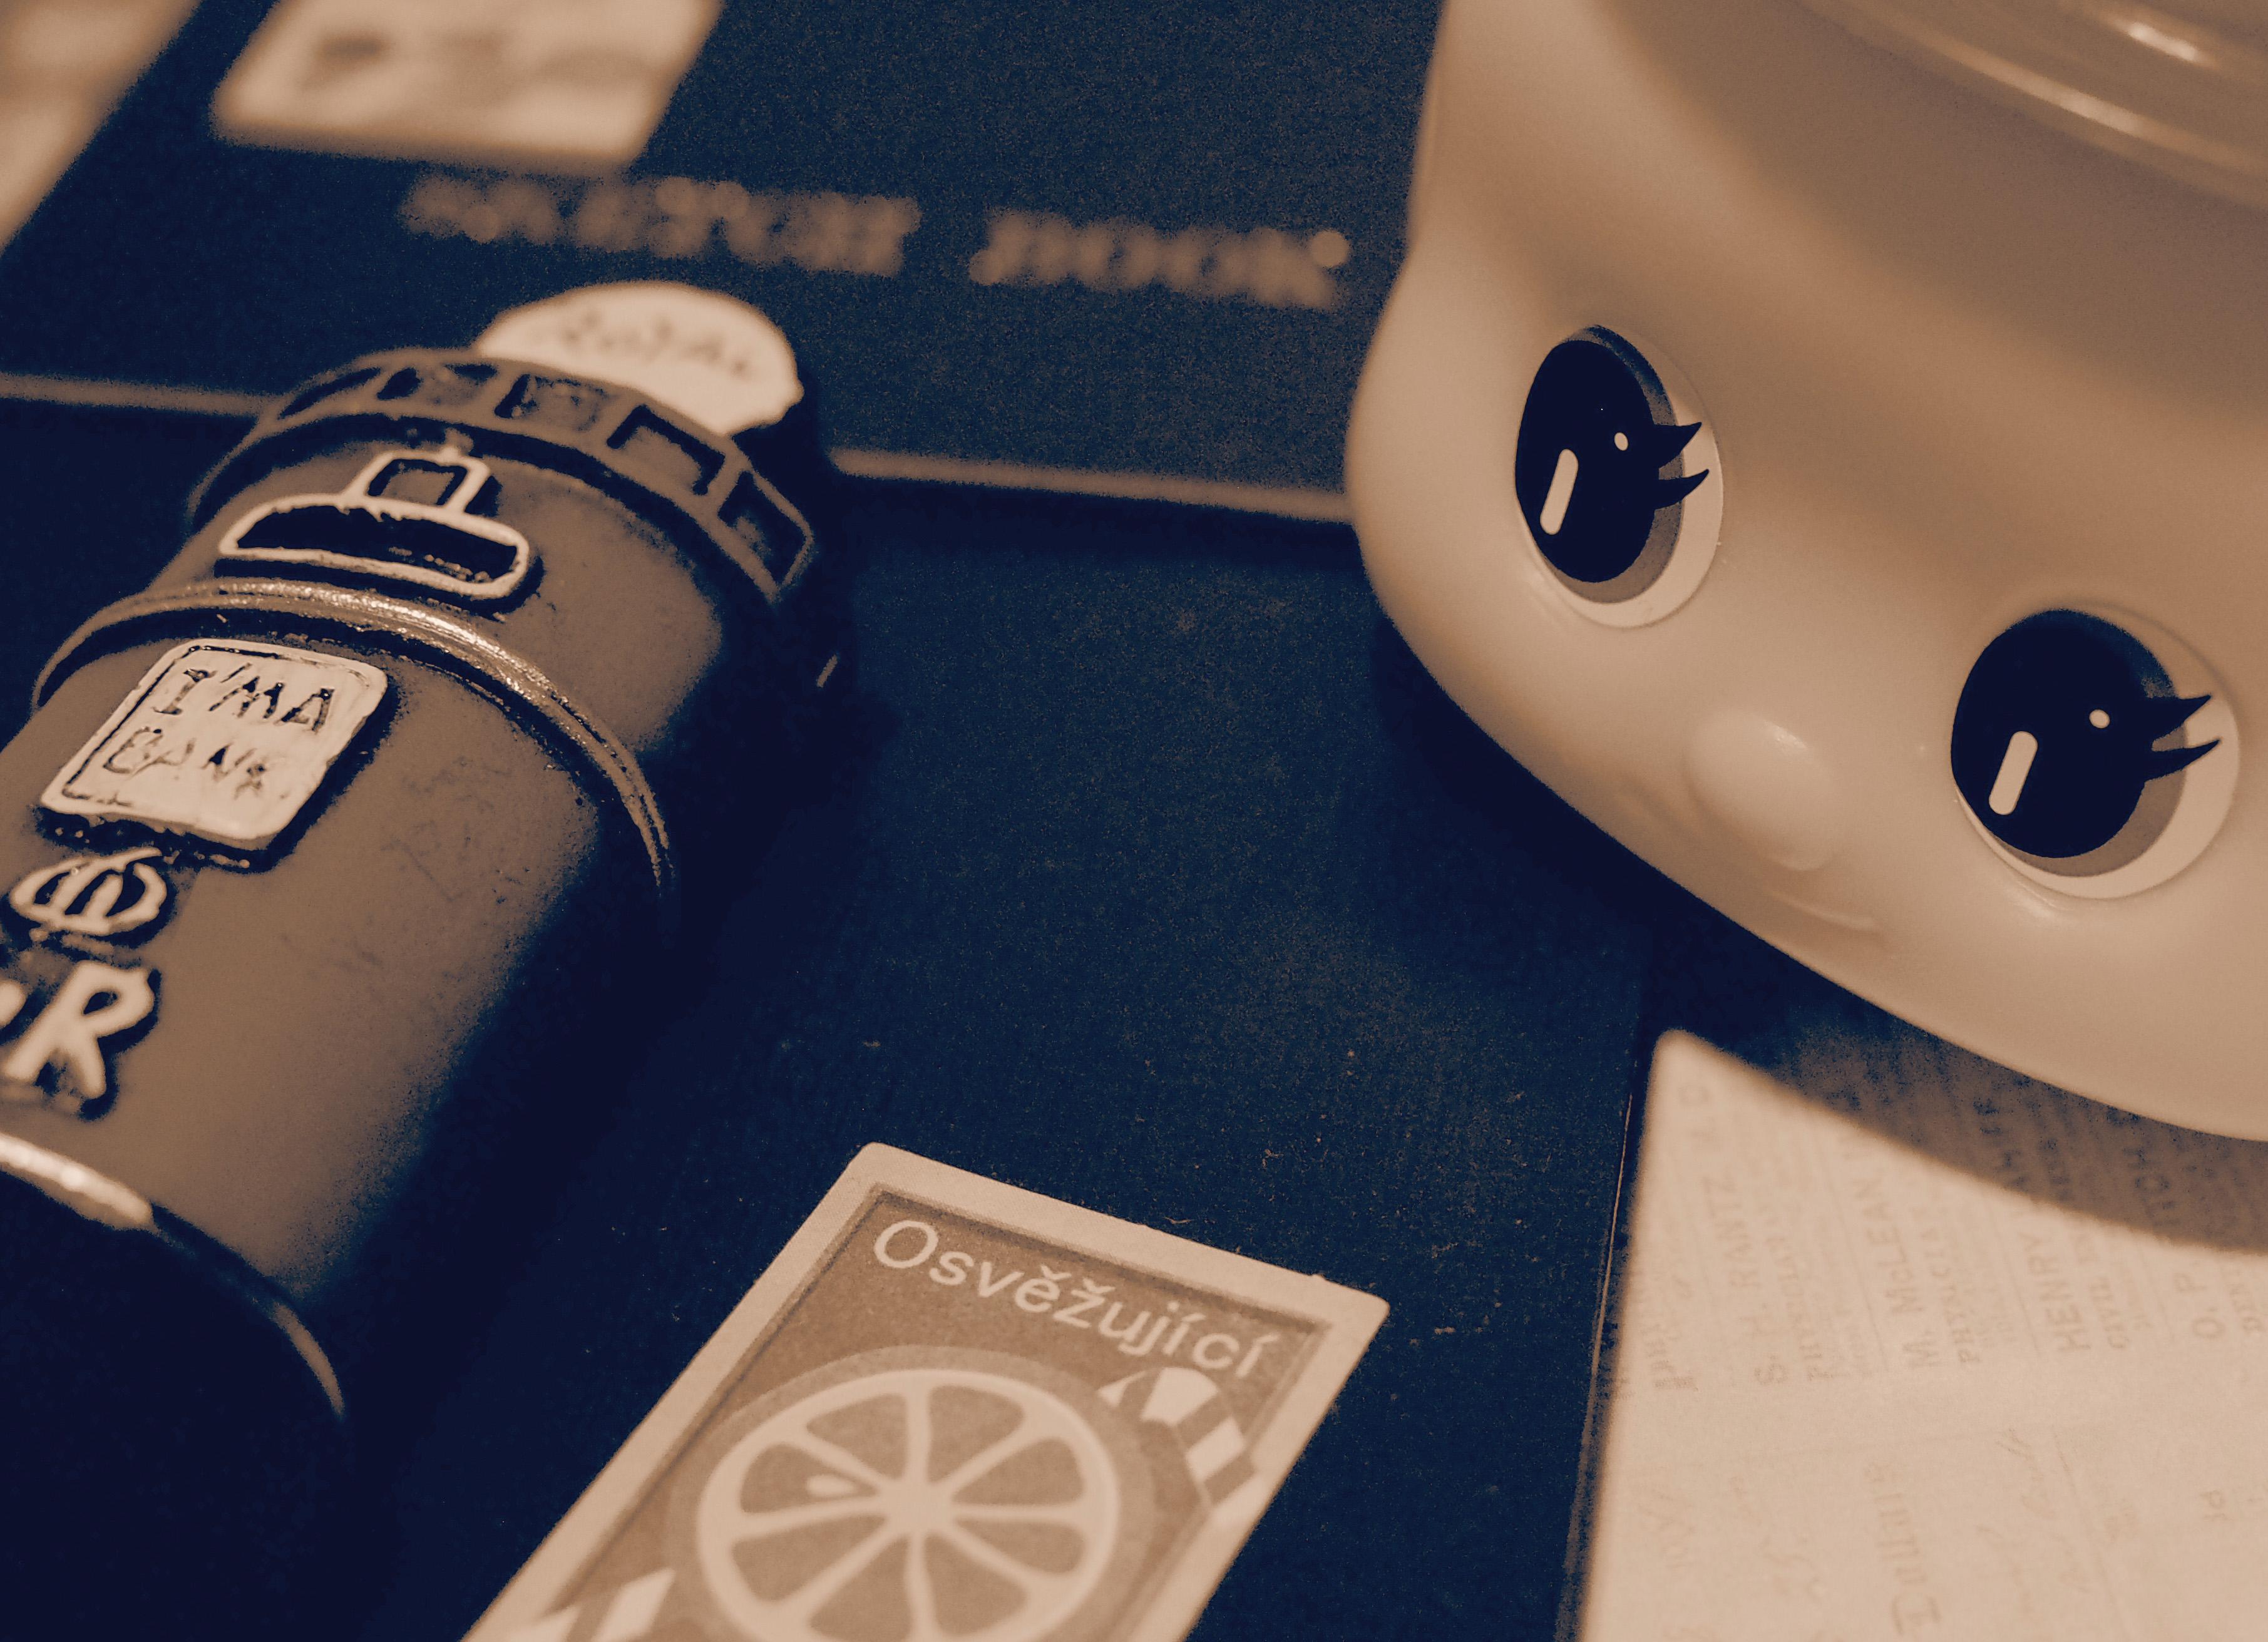 OLYMPUSミラーレス一眼カメラ 単焦点レンズで撮影 フエキくん